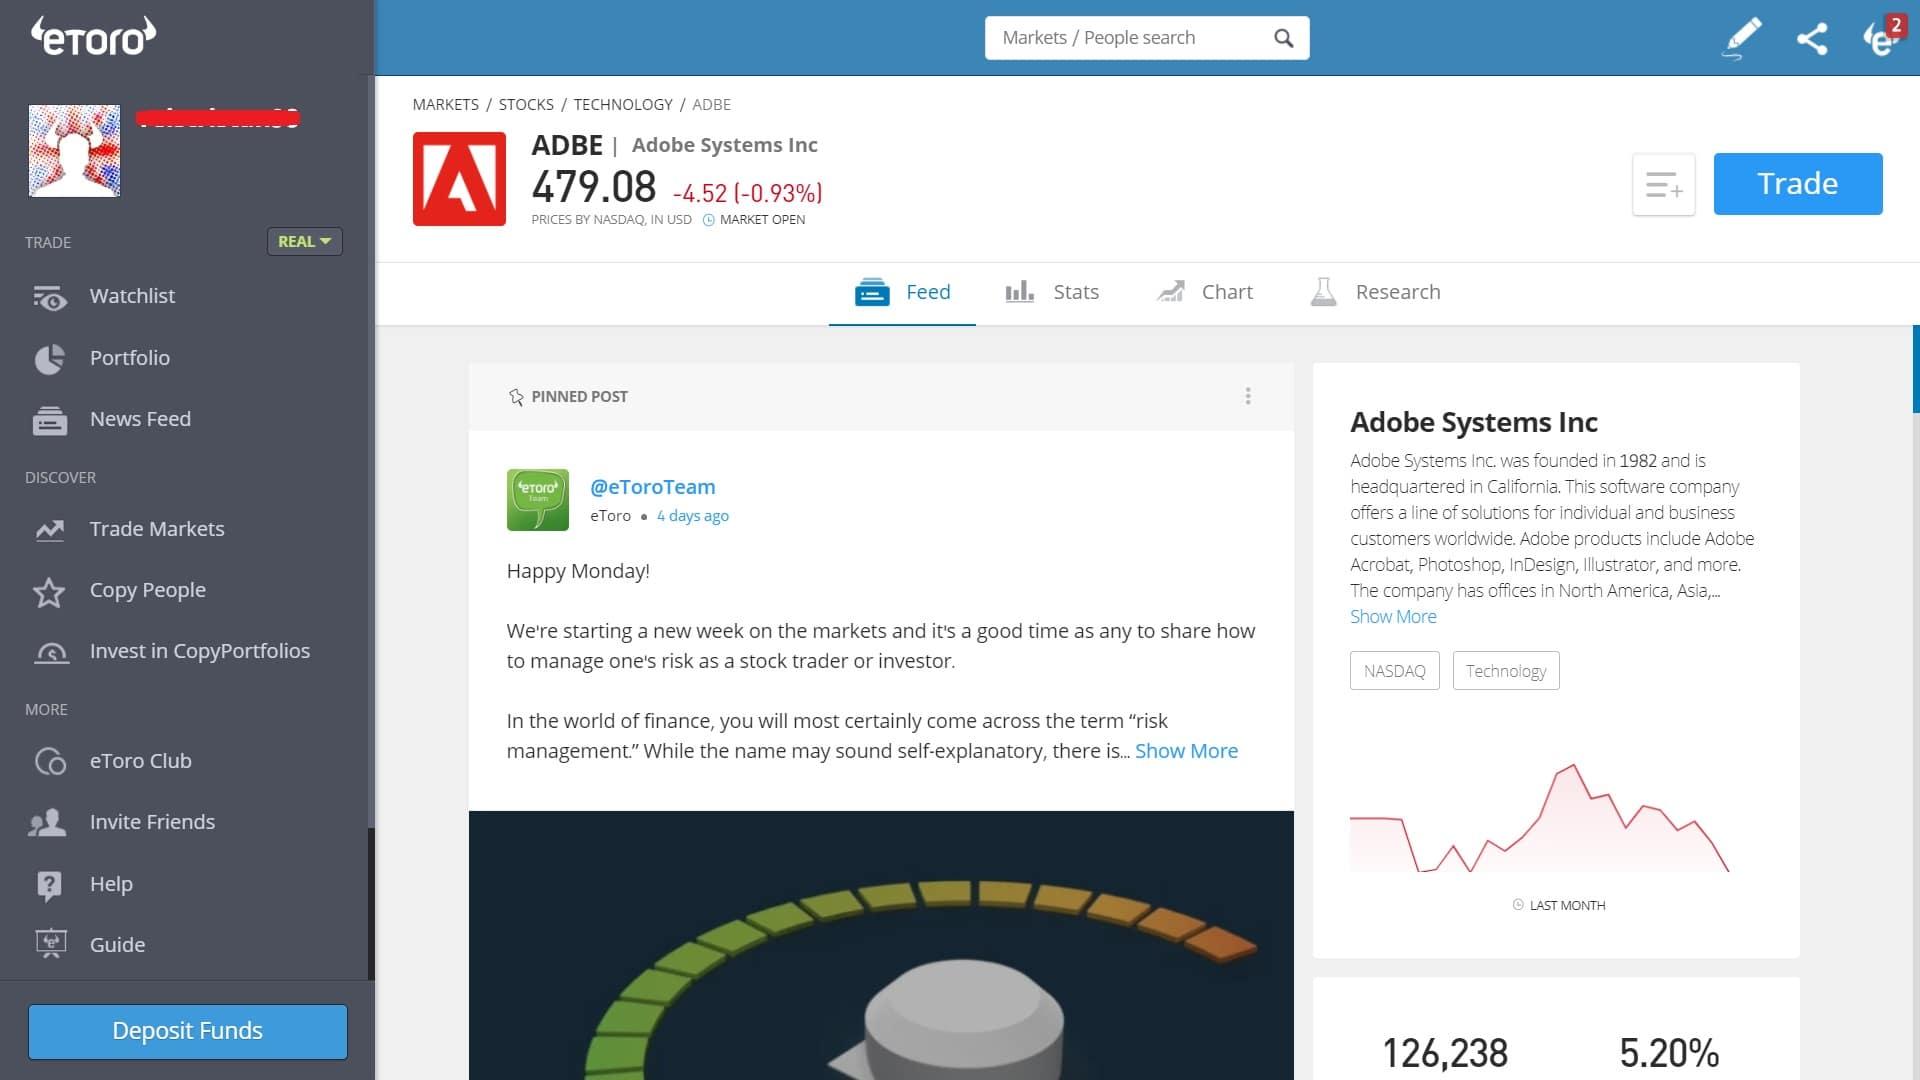 Adobe stock trading on eToro's platform